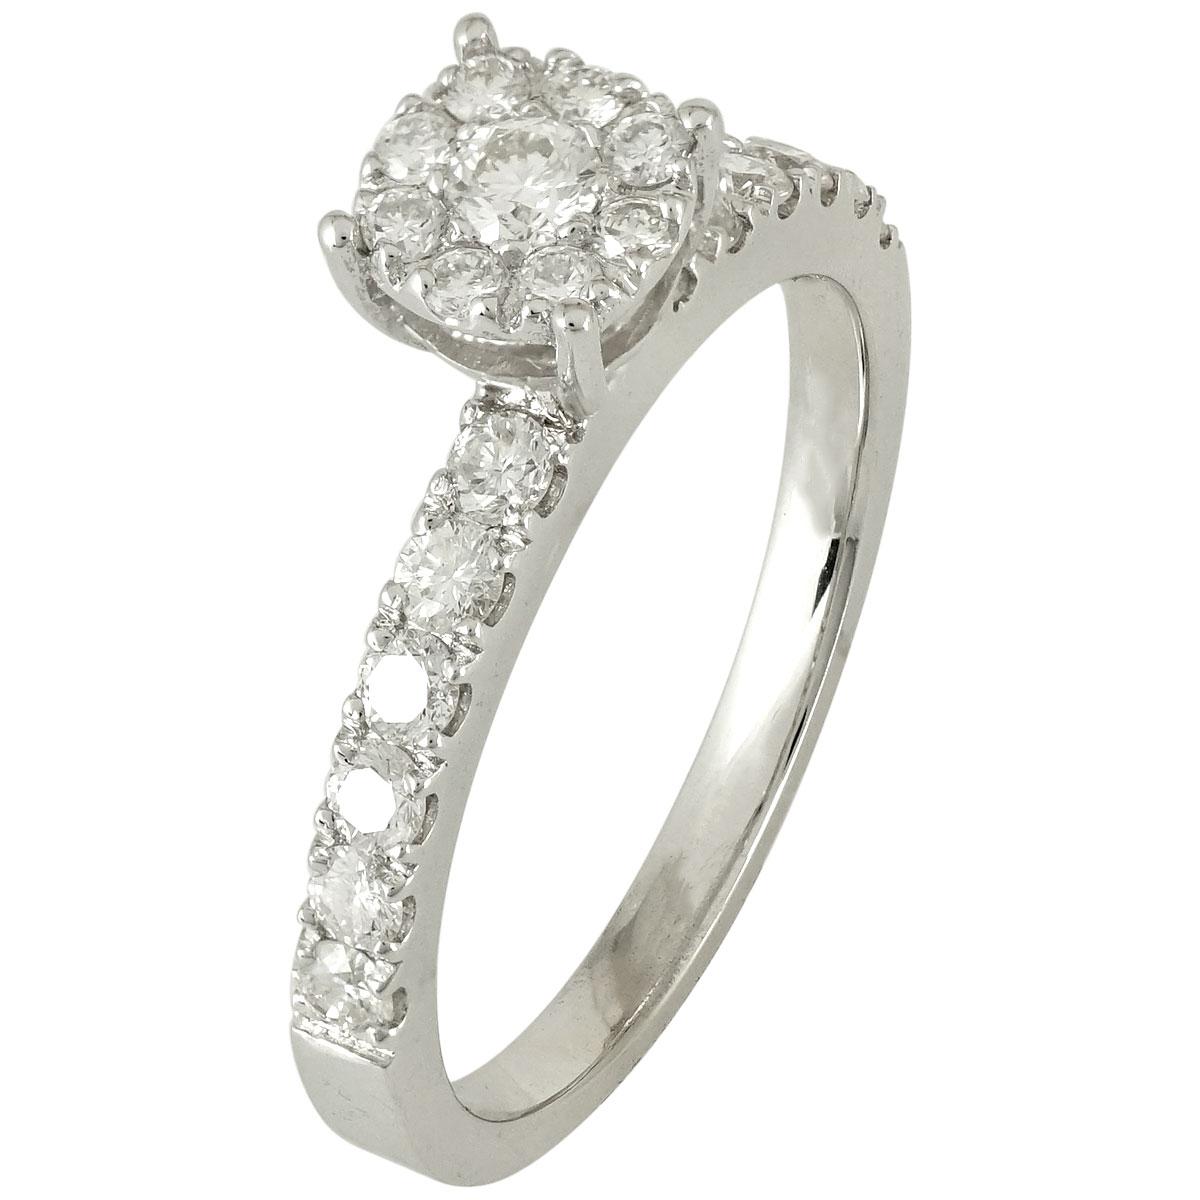 Μονόπετρο Δαχτυλίδι Κ18 με Διαμάντια Brilliant R17179